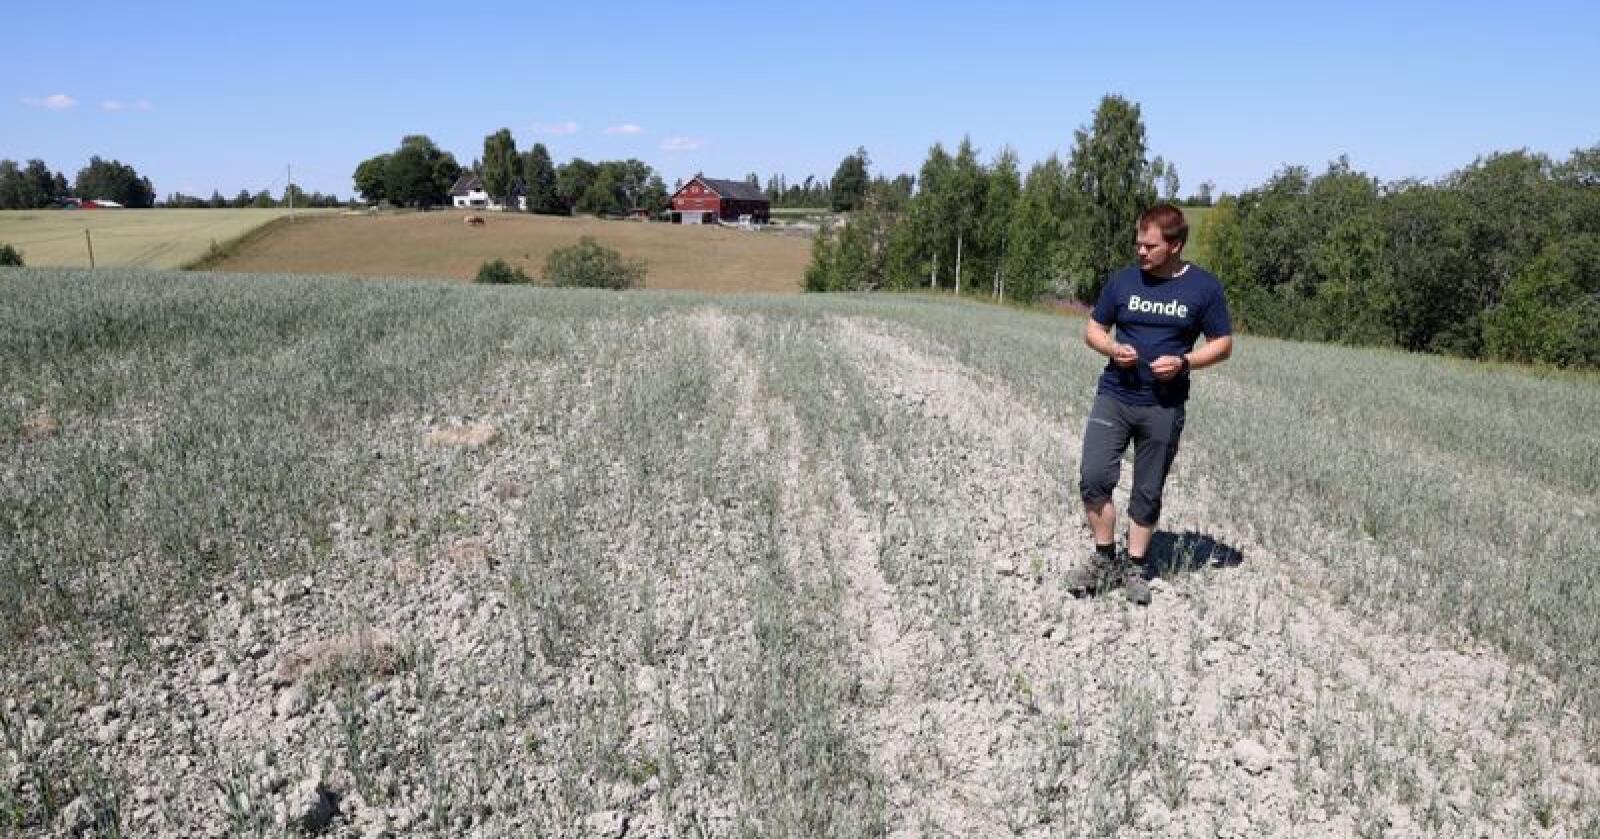 På grunn av den ekstremt tørre sommeren har mange bønder en svært redusert avling. Slik så det ut hos bonde Lars Halvor Stokstad på Kløfta i begynnelsen av juli. Han regnet da med å få halvert avlingen i år. Foto: Gorm Kallestad / NTB scanpix